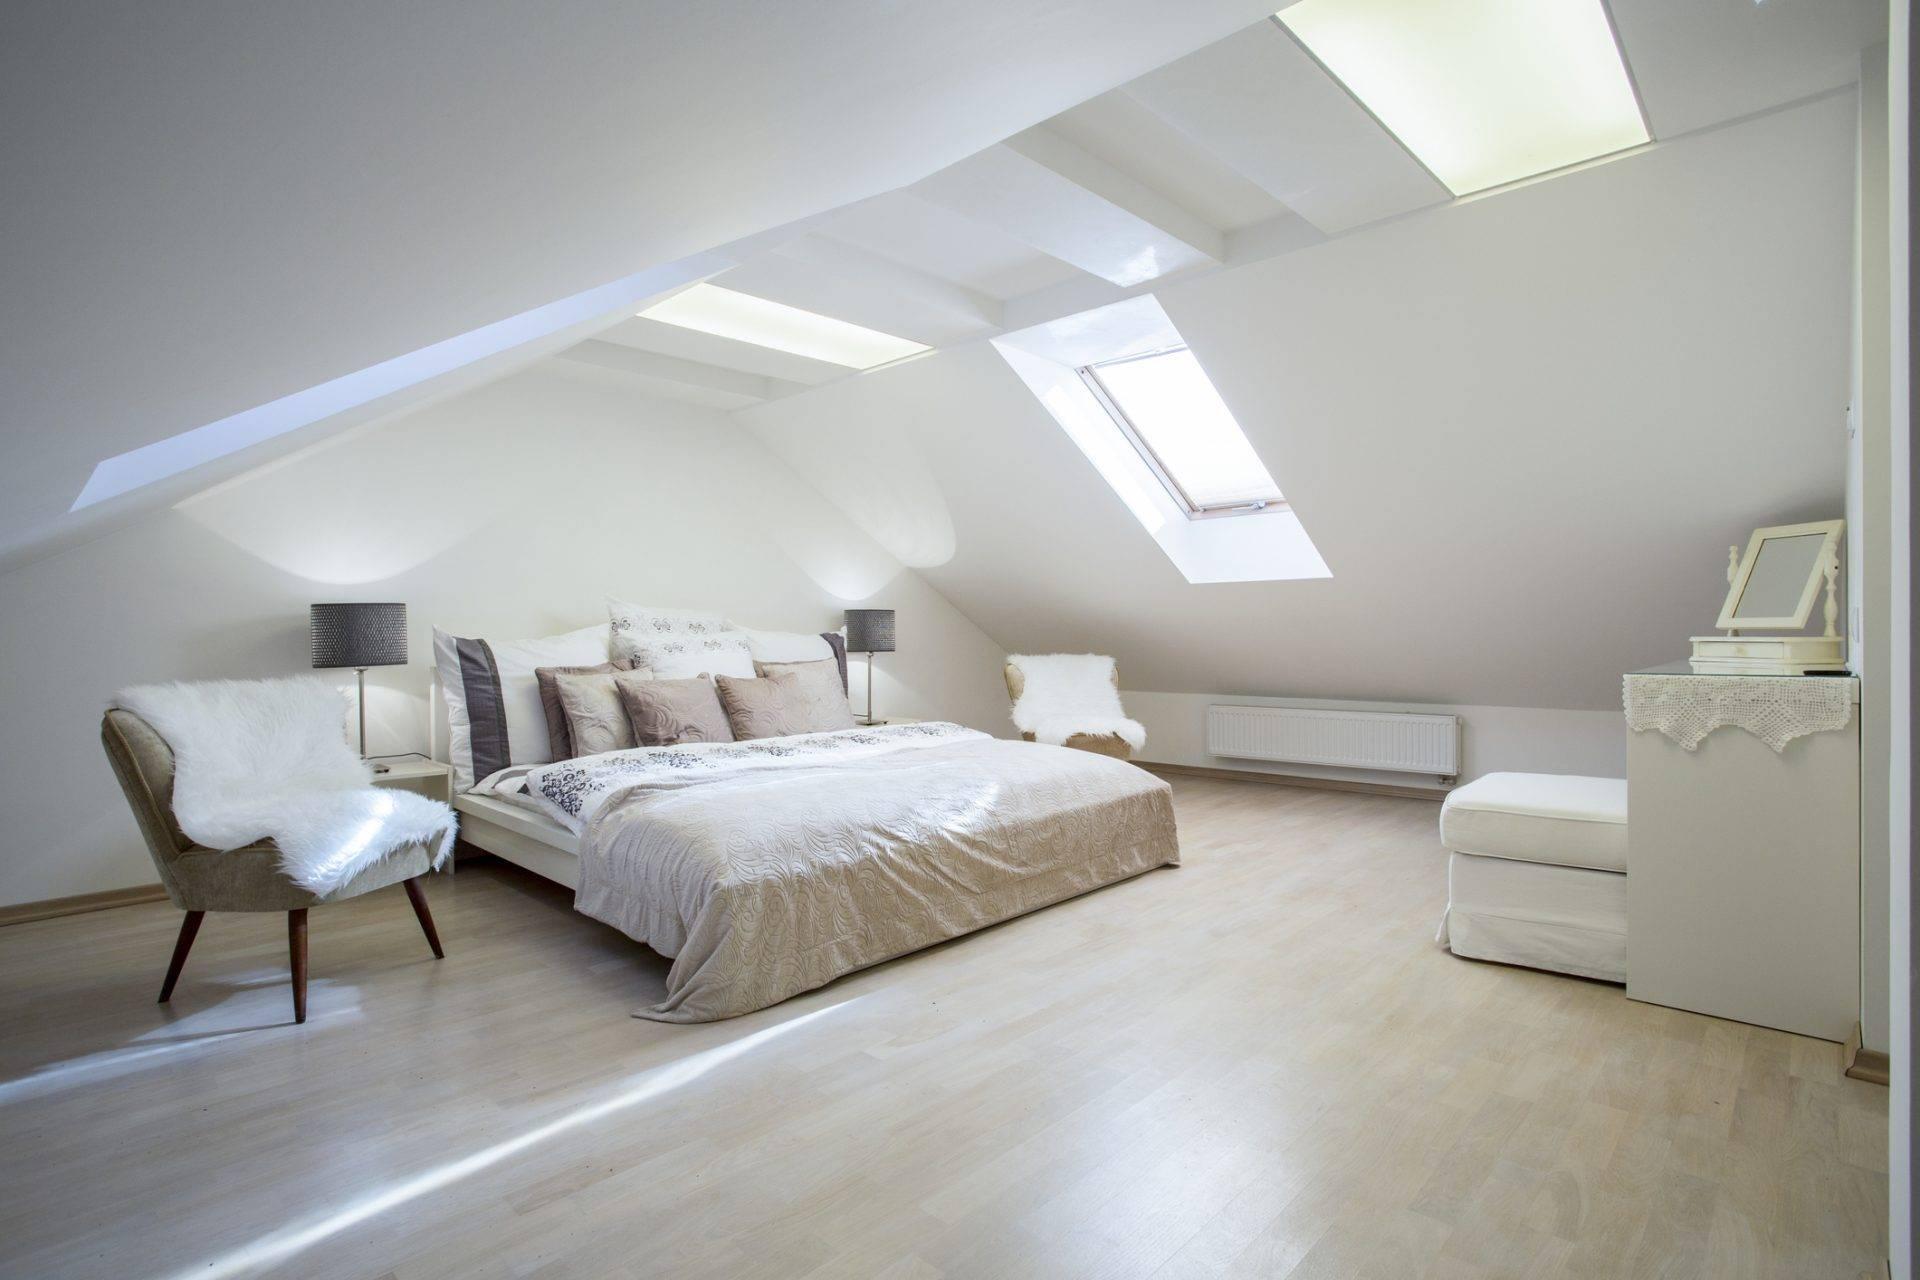 Спальня на мансарде: особенности и преимущества, 75 вдохновляющих идей спальни на мансарде